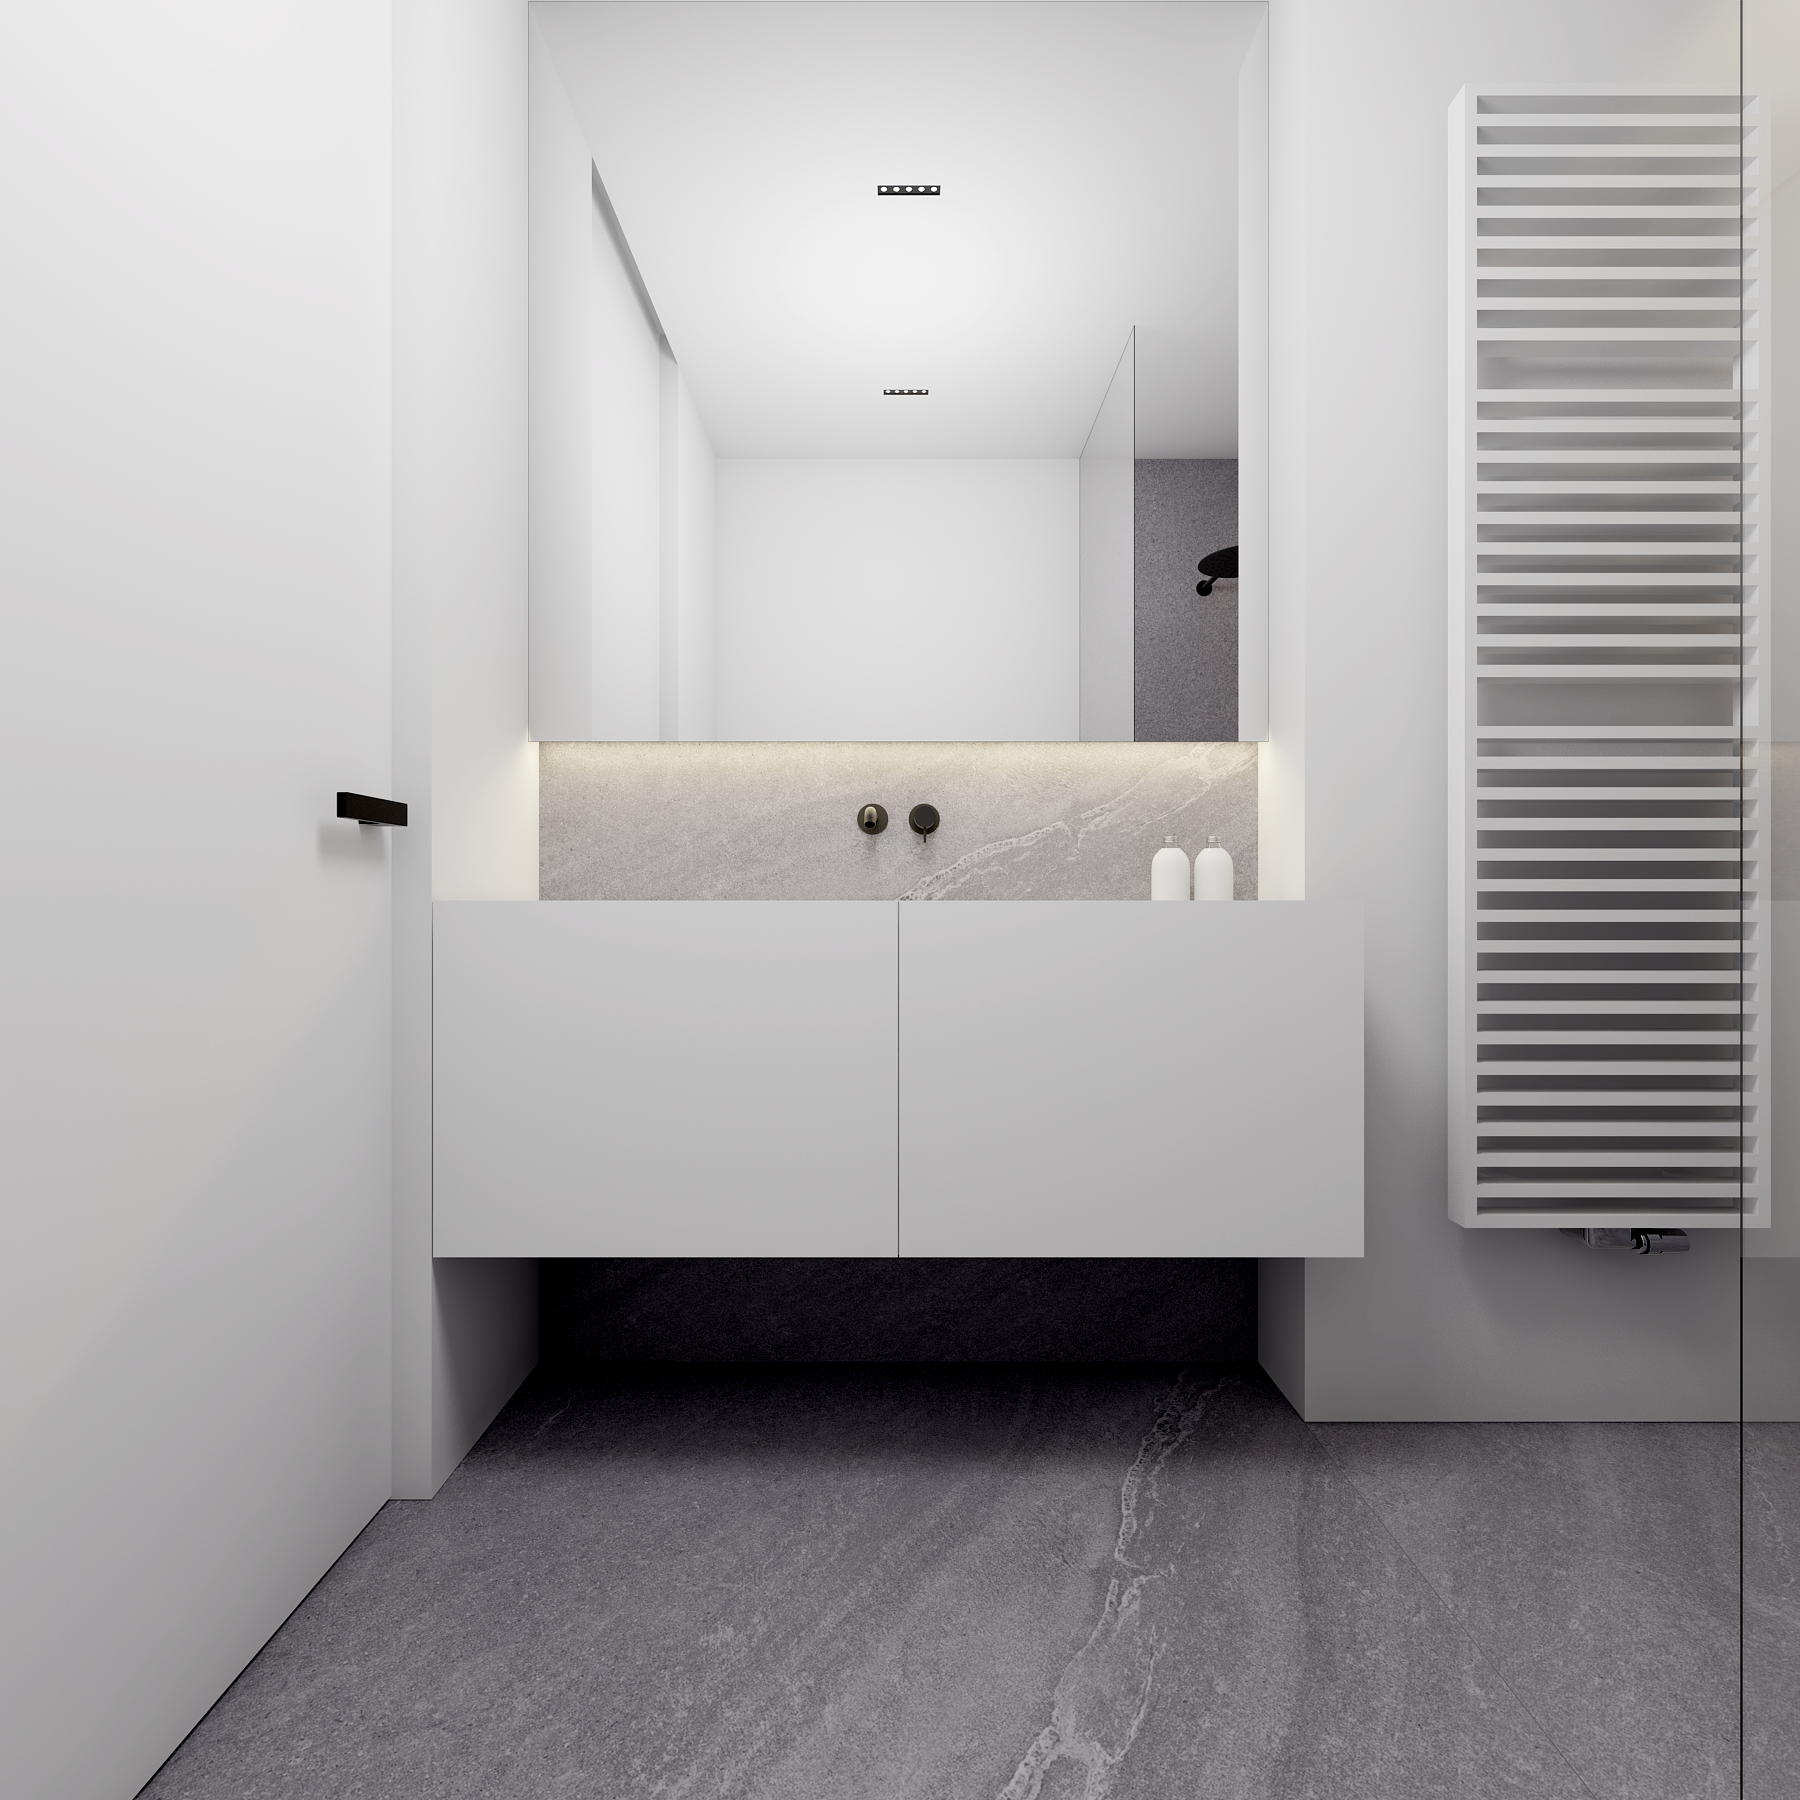 projekt_mieszkania_w_warszawie_aranzacja_minimalistyczne_wnetrze_inuti_lukasz_rzad_07